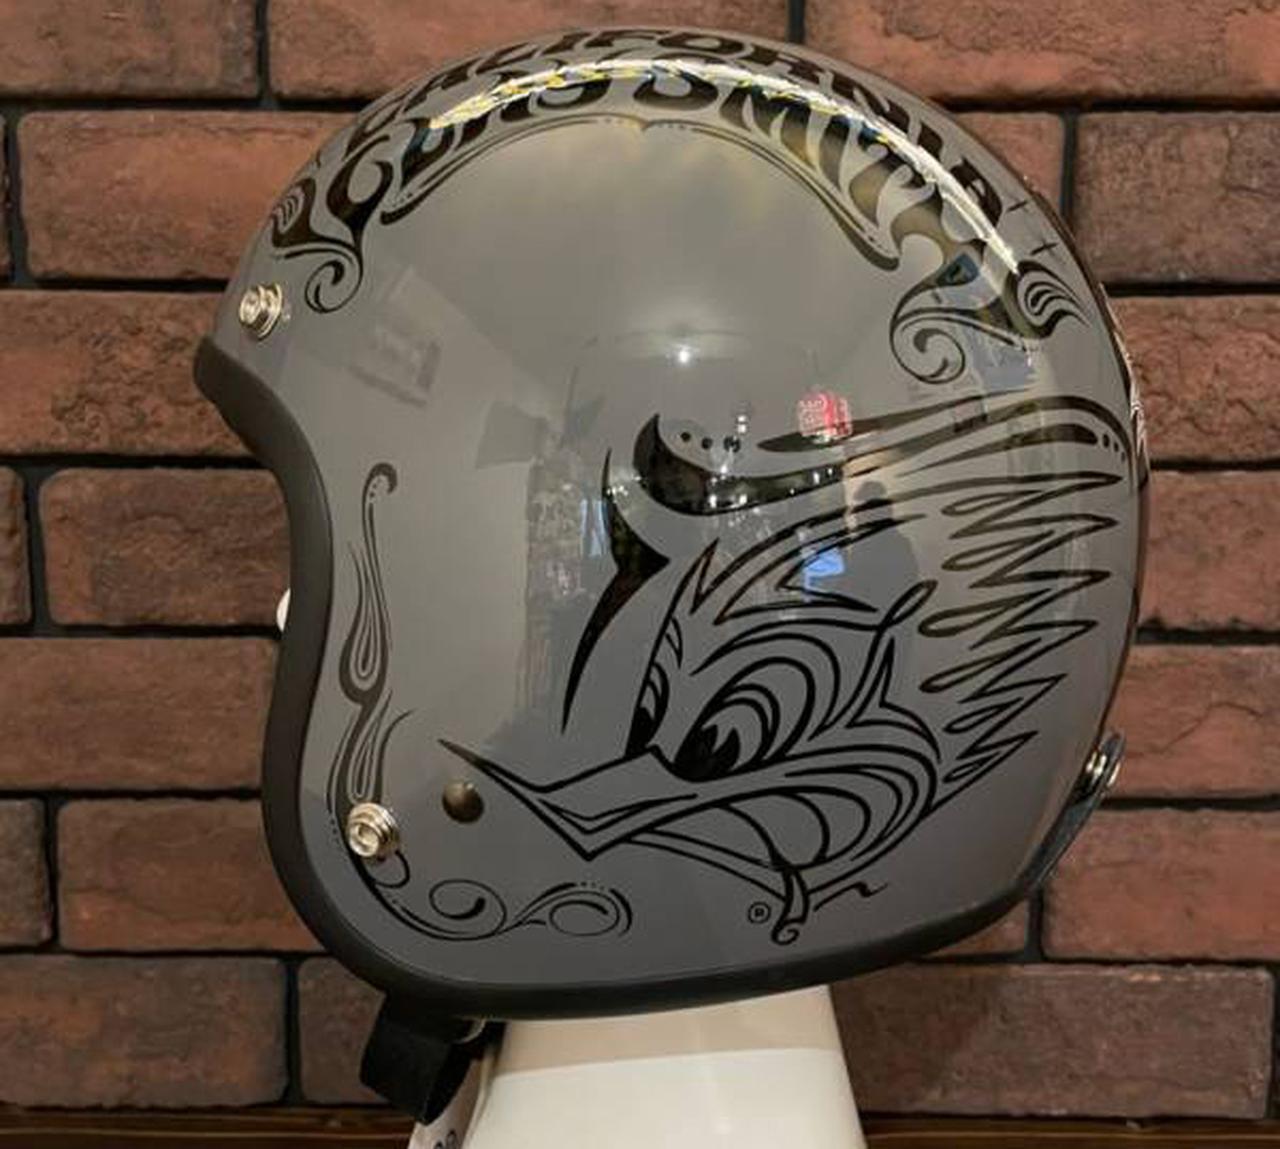 画像2: クレイスミスのアジア限定ヘルメットが登場! カラーは2色で展開